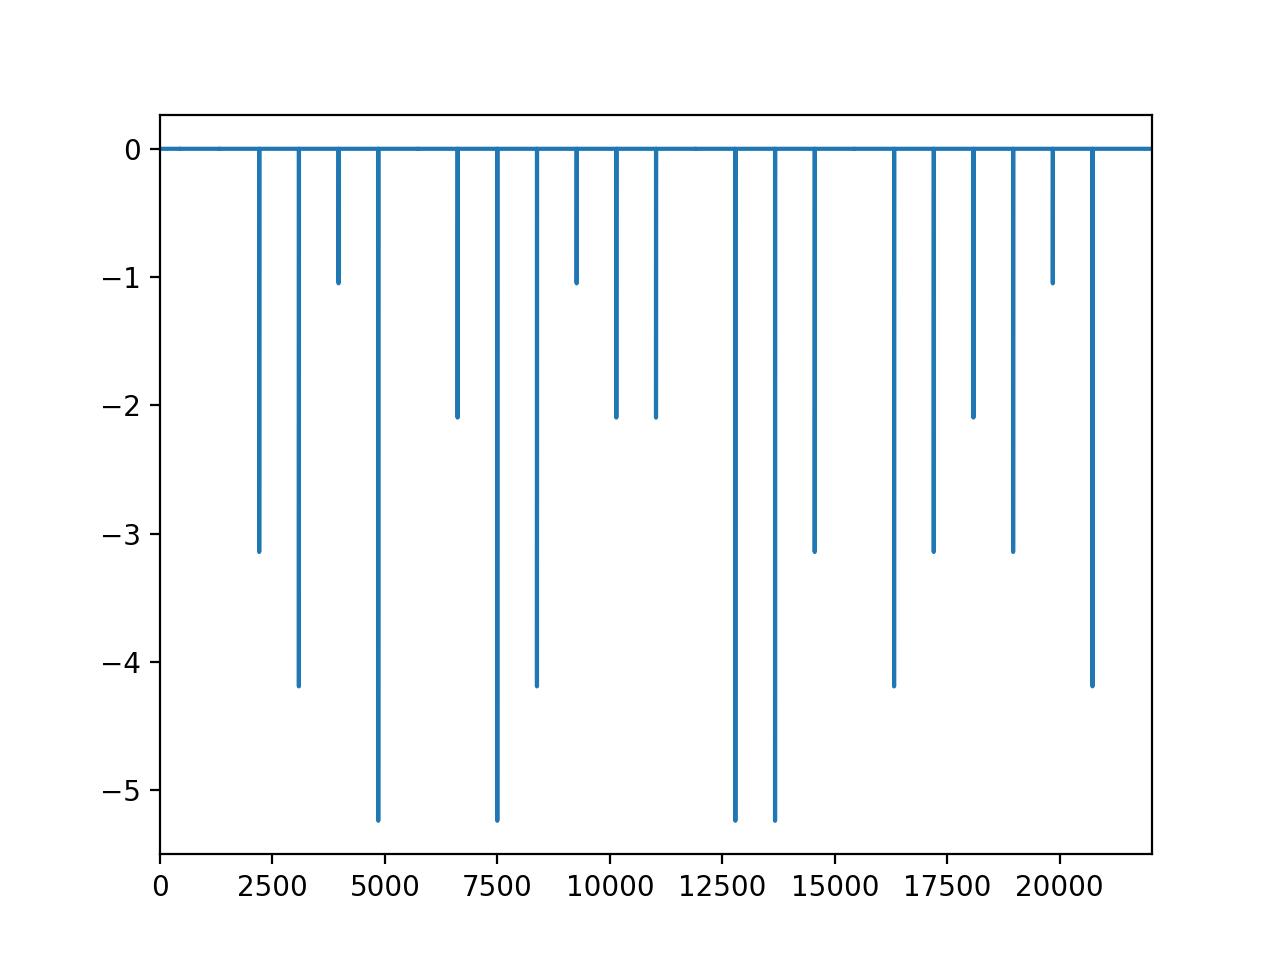 square_shift1の位相スペクトル